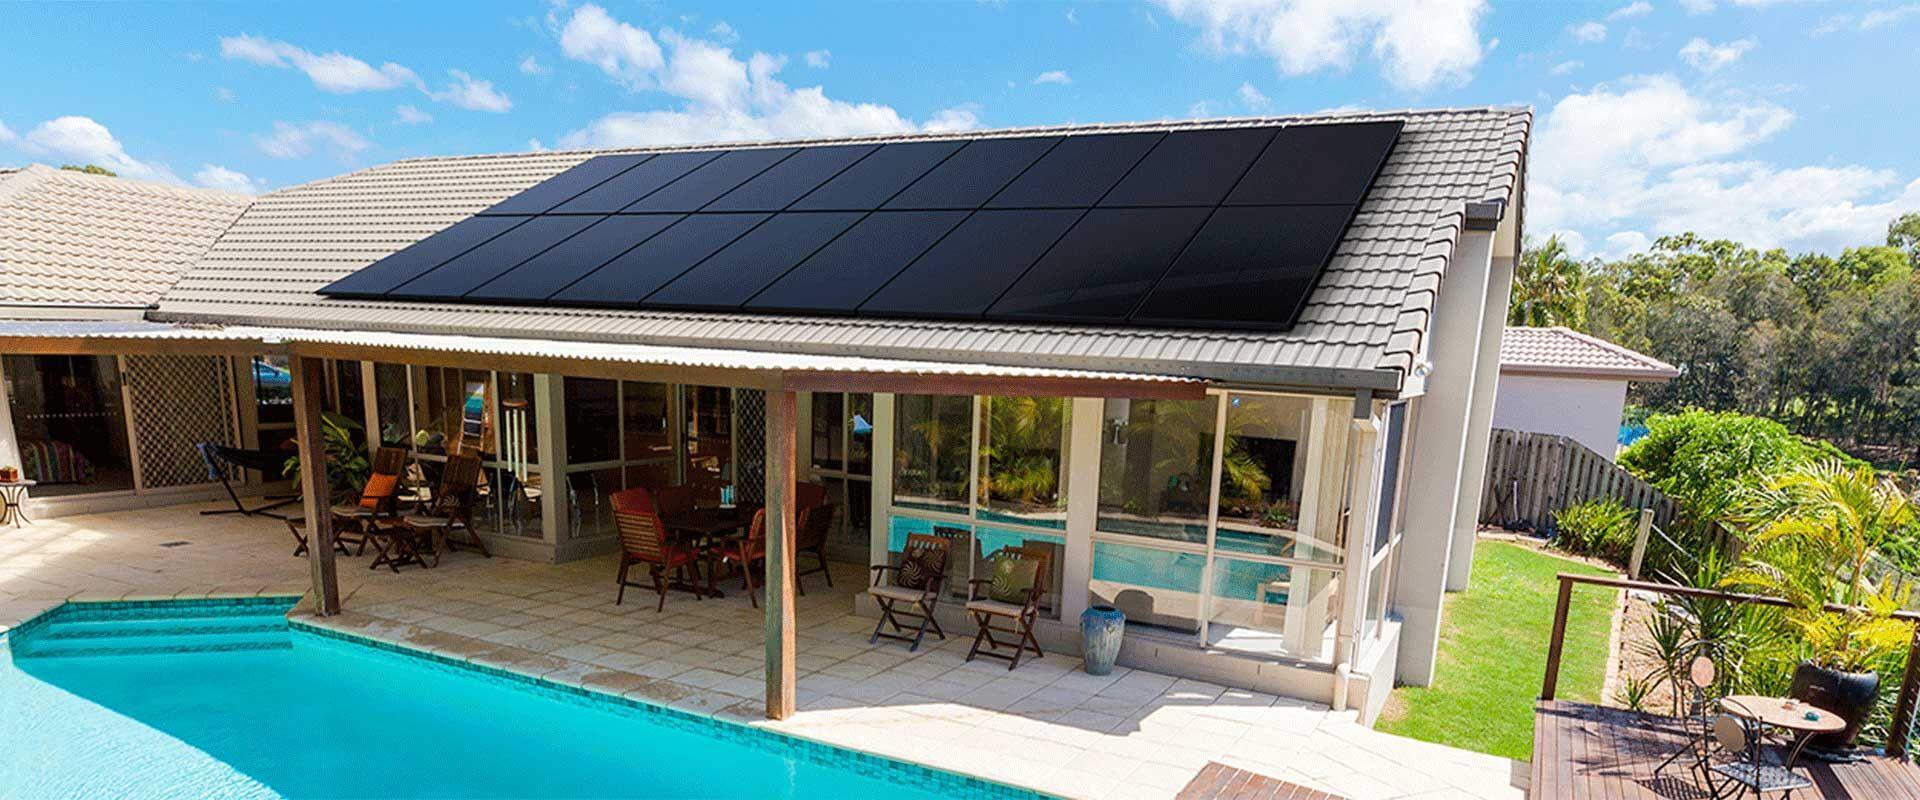 solar home victoria